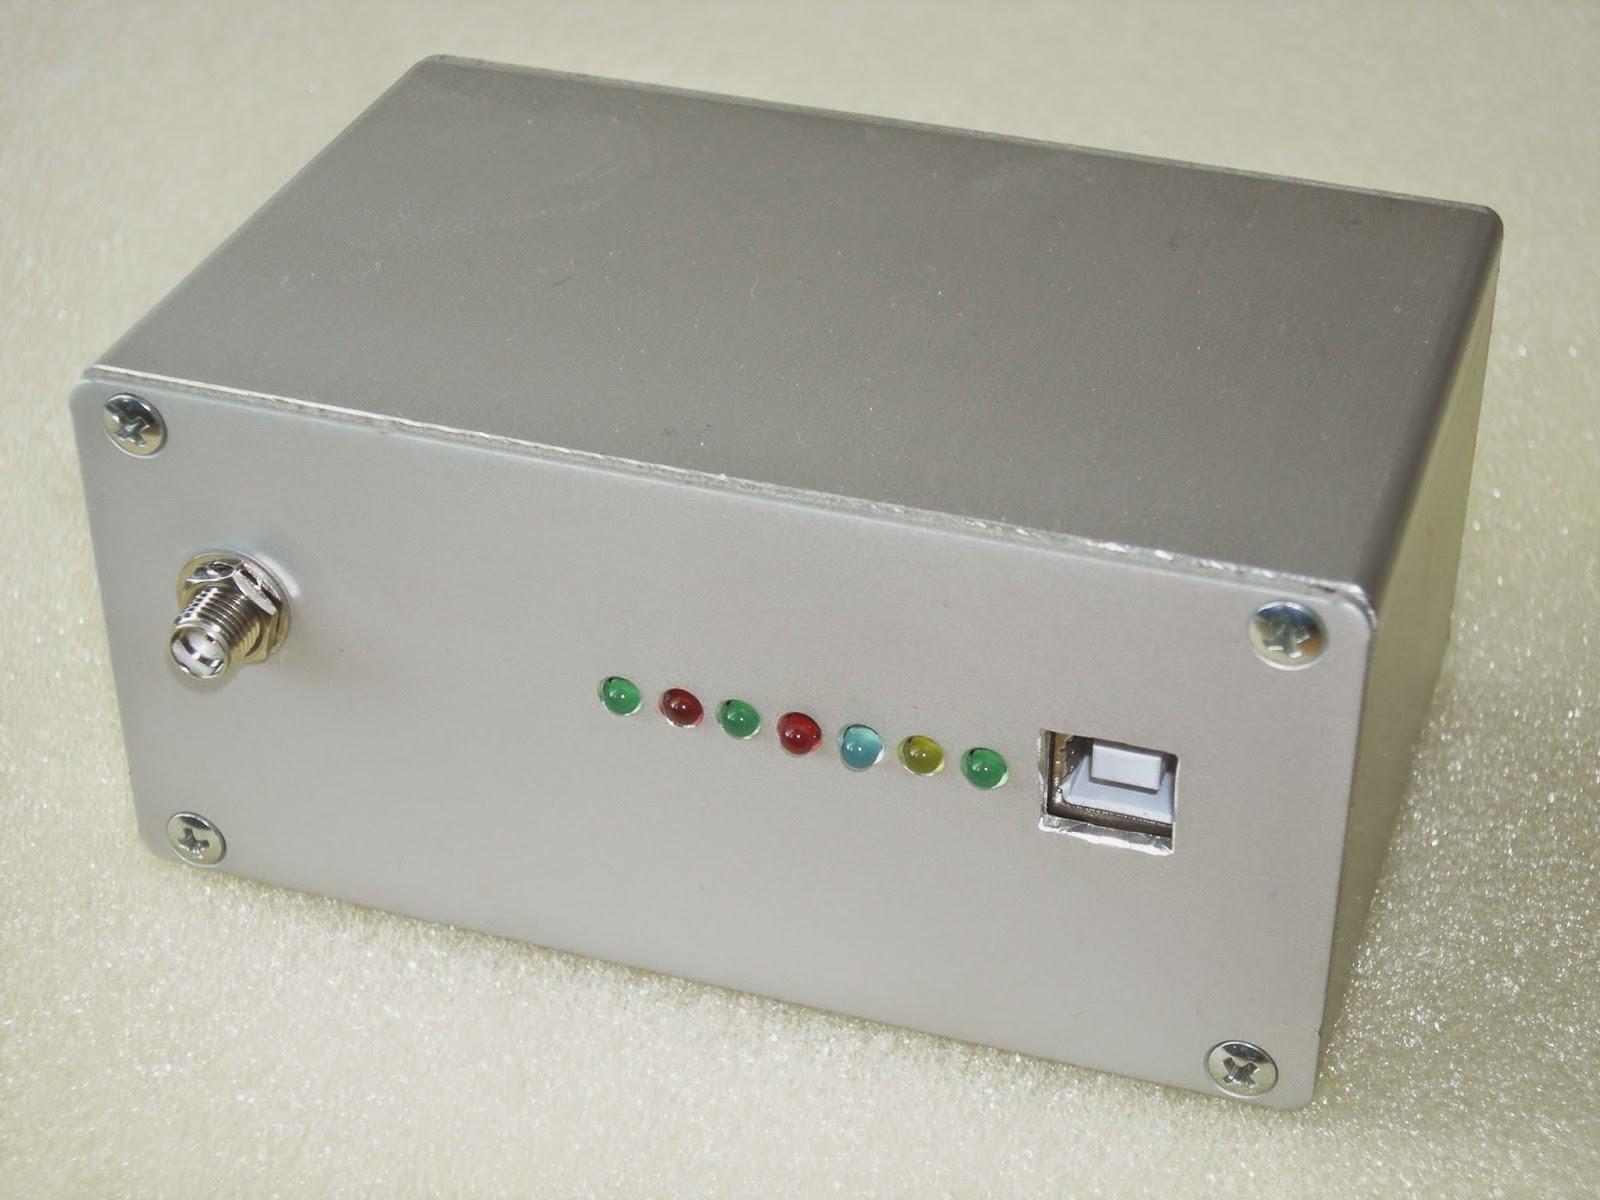 XPORT 360 V2 USB DRIVER